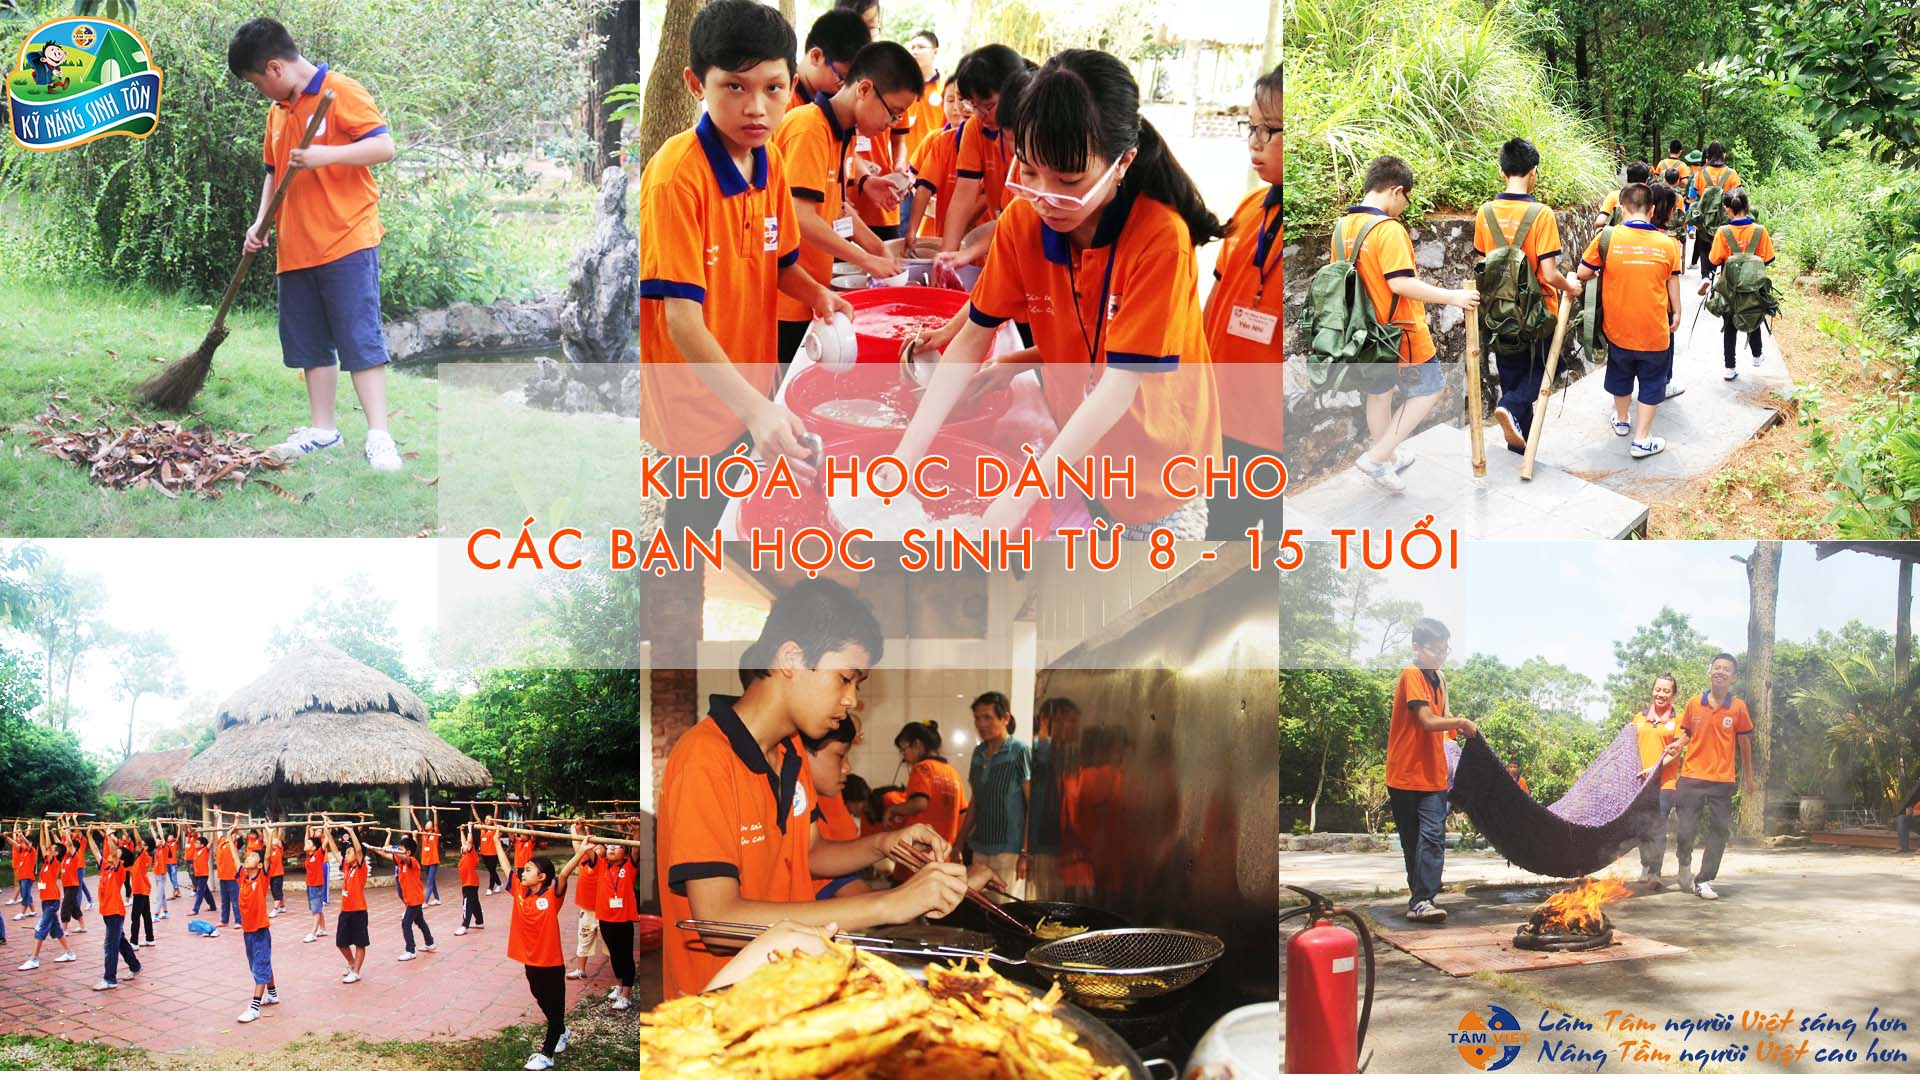 Kỹ năng sinh tồn Tâm Việt 2017